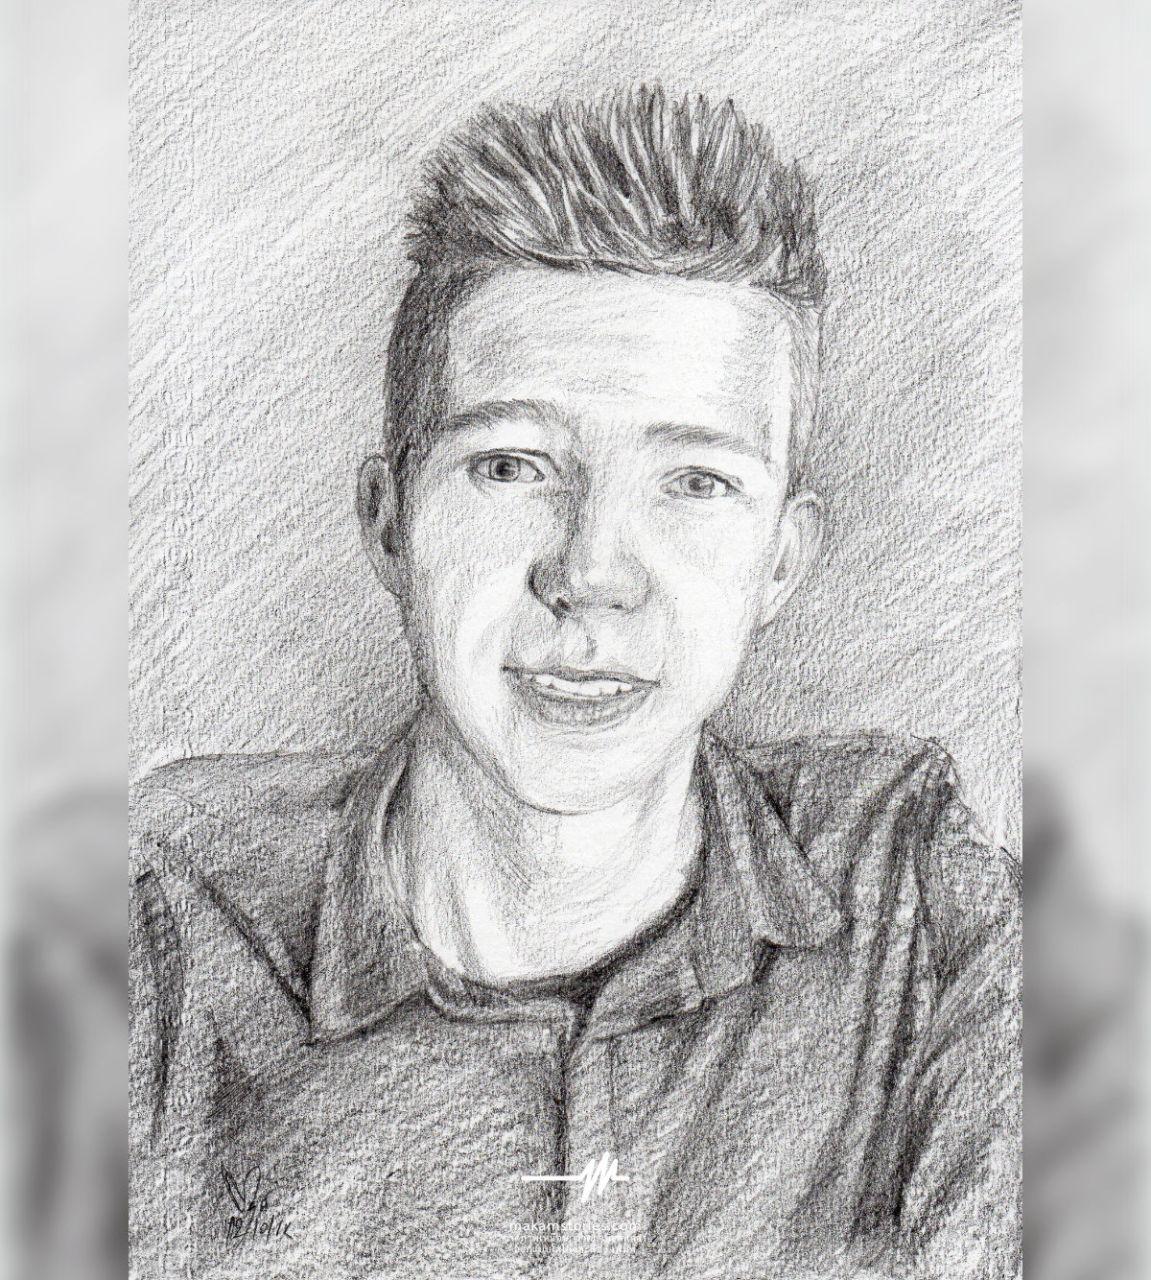 วาดภาพเหมือนลายเส้น ภาพวาดรออิ้งผู้ชาย ภาพวาดลายเส้นชาวต่างชาติ Drawing Portrait